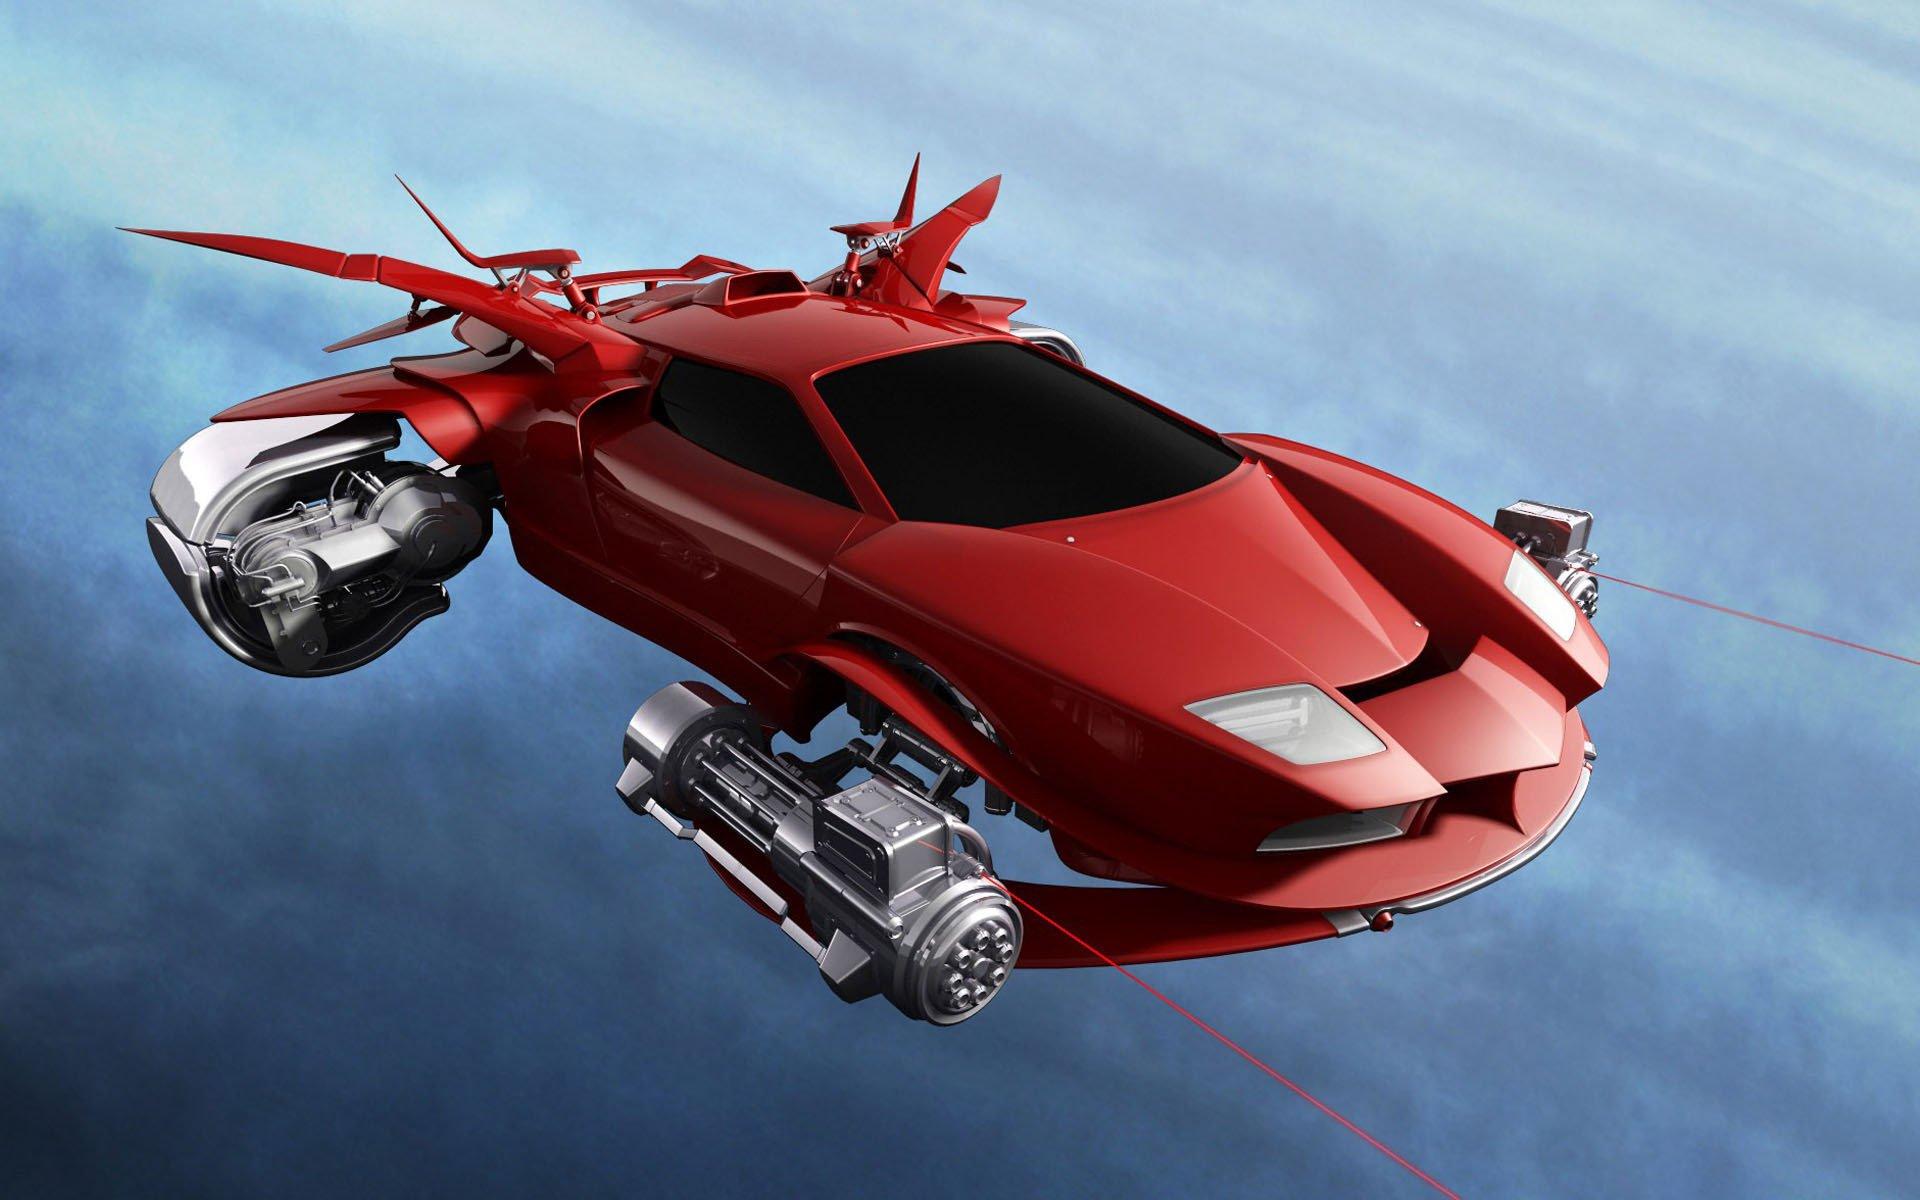 1-ый «летающий автомобиль» в РФ произведут к 2021